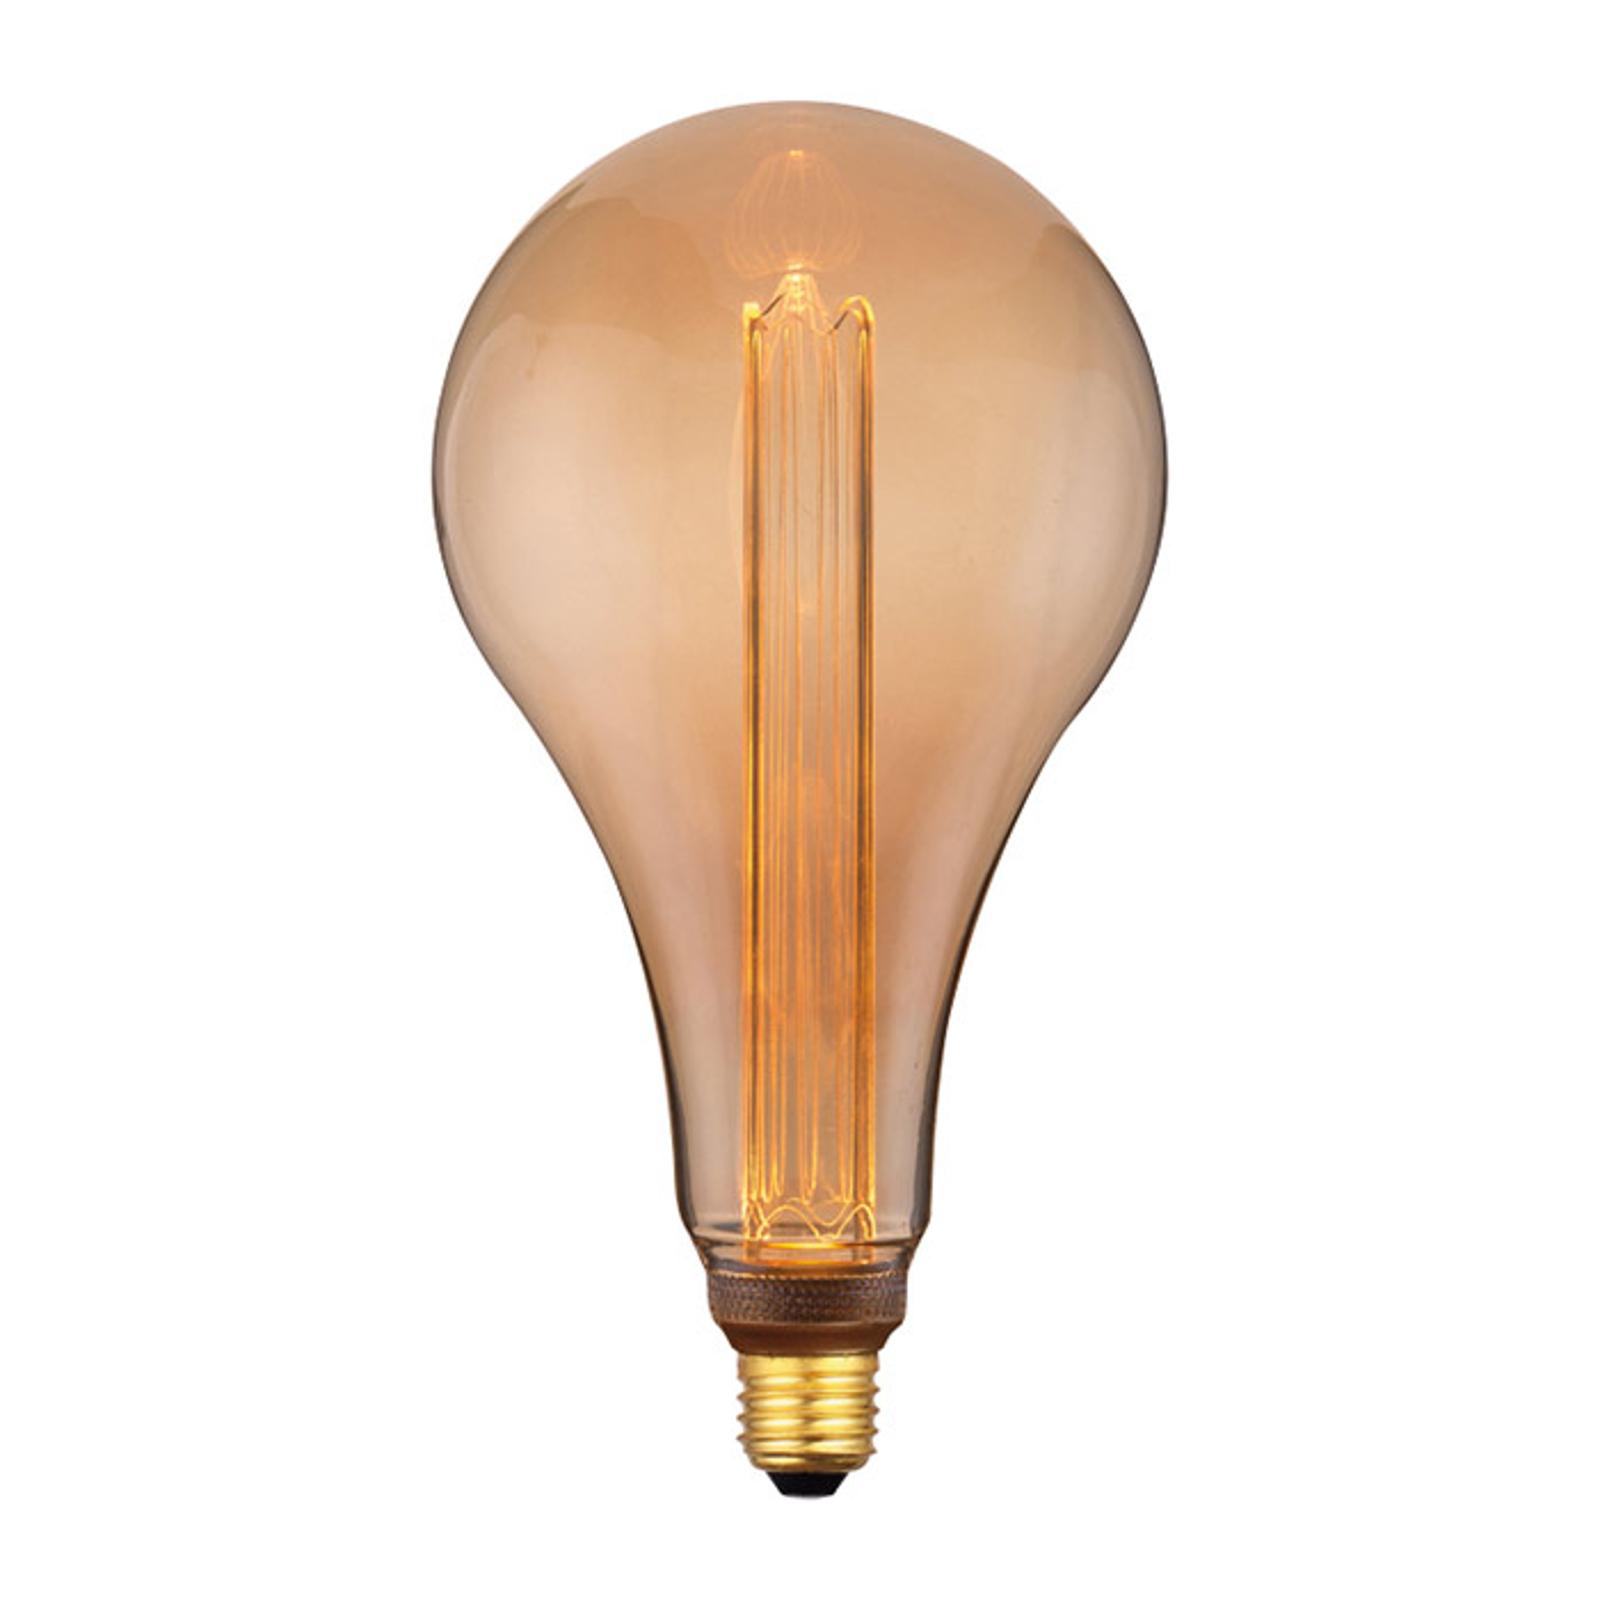 LED-Lampe E27 5W, warmweiß, 3-Step-dim, gold, 30cm